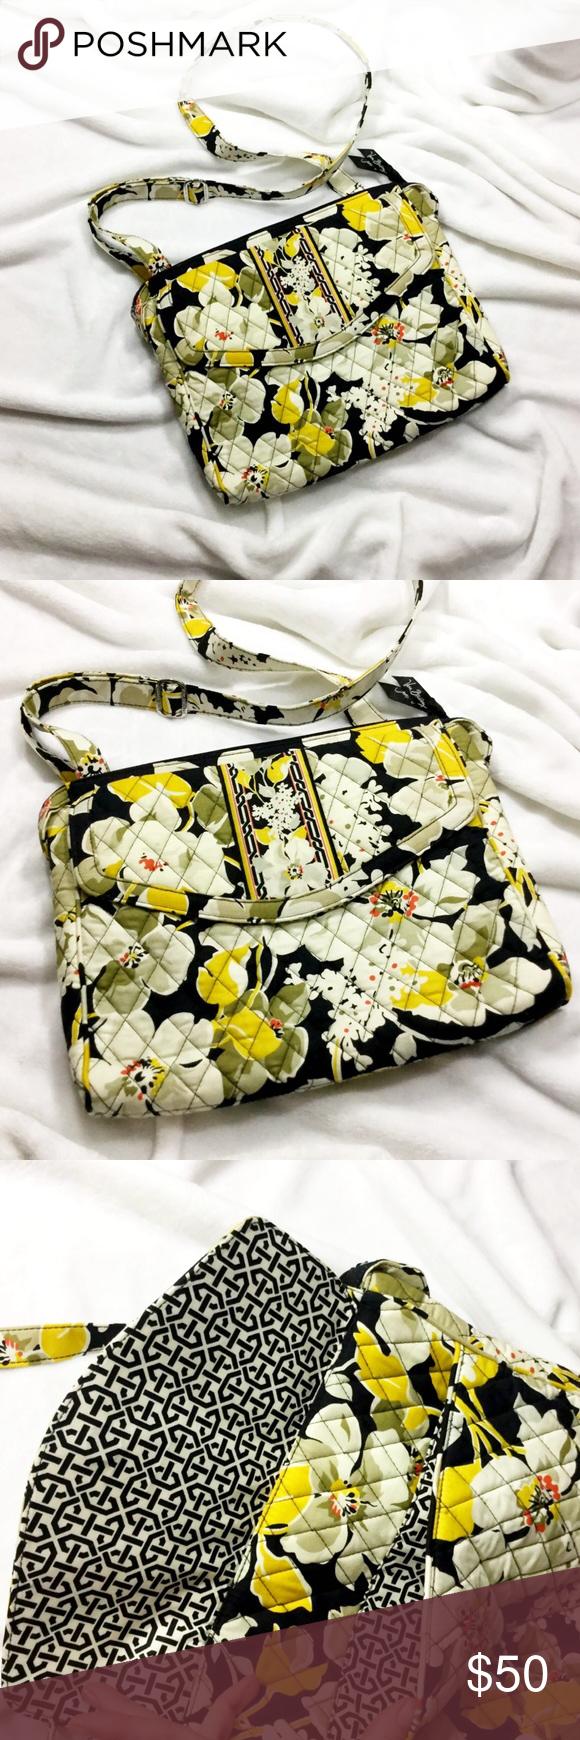 NWOT VERA BRADLEY Messenger bag crossbody purse NWOT VERA BRADLEY Messenger bag crossbody purse Vera Bradley Bags Crossbody Bags